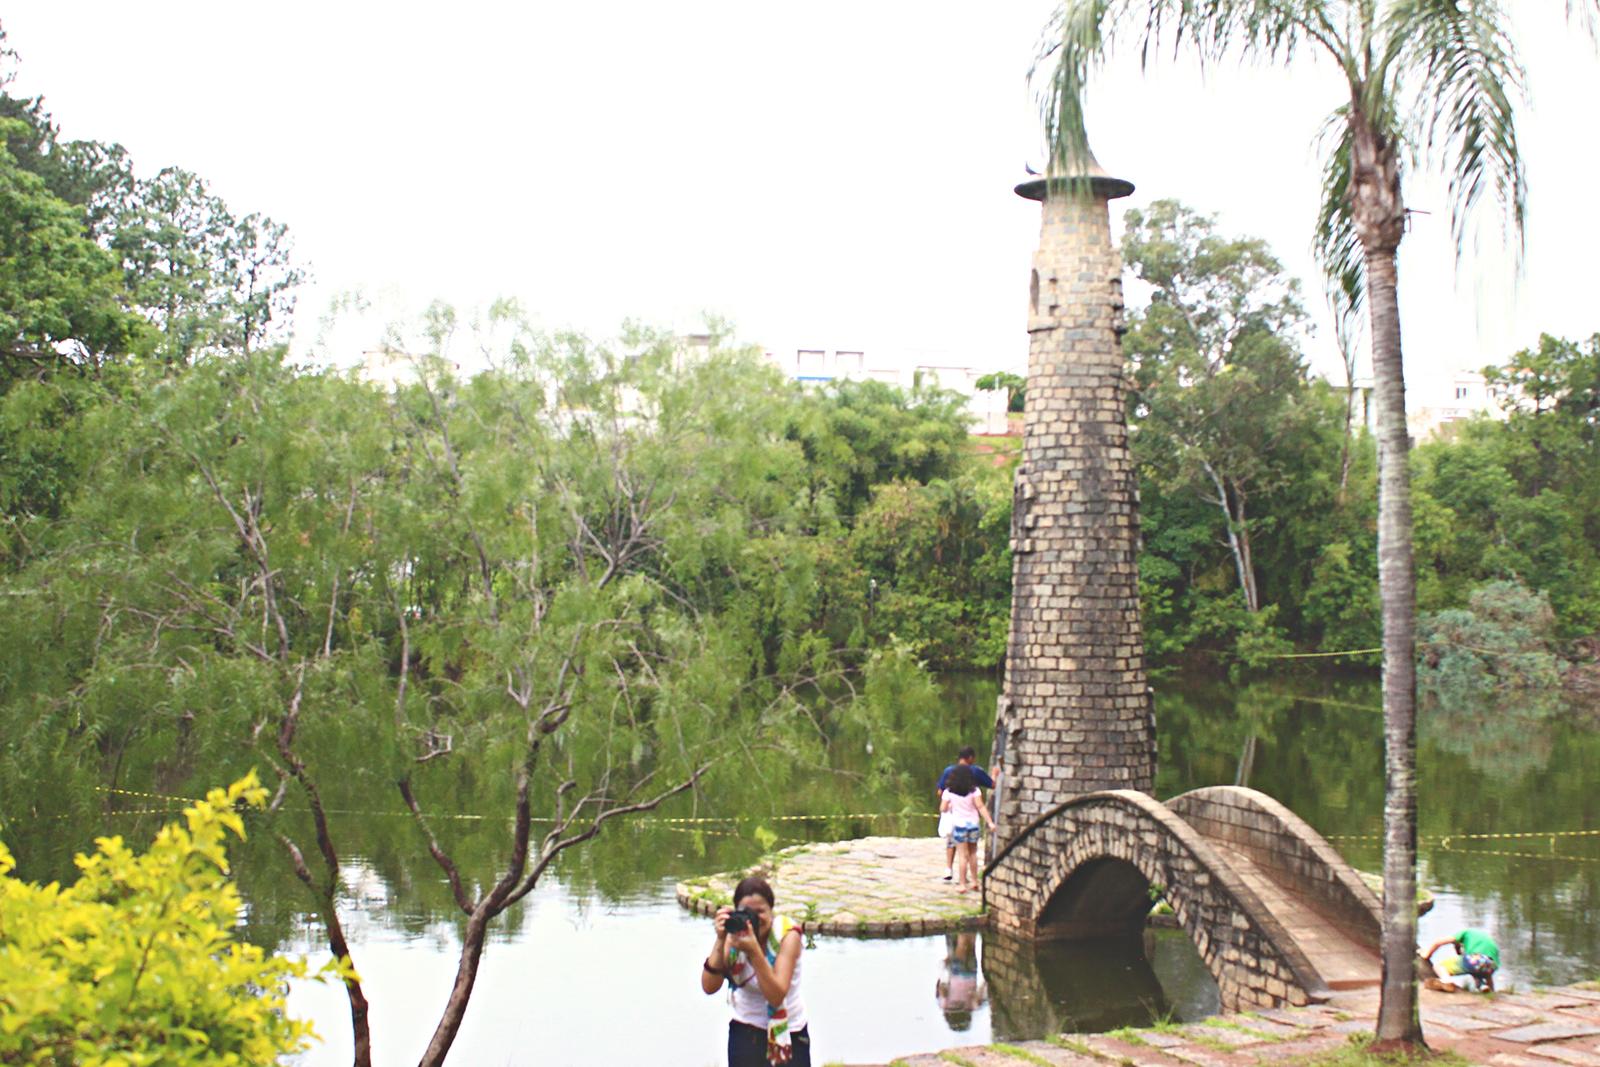 lago parque atibaia